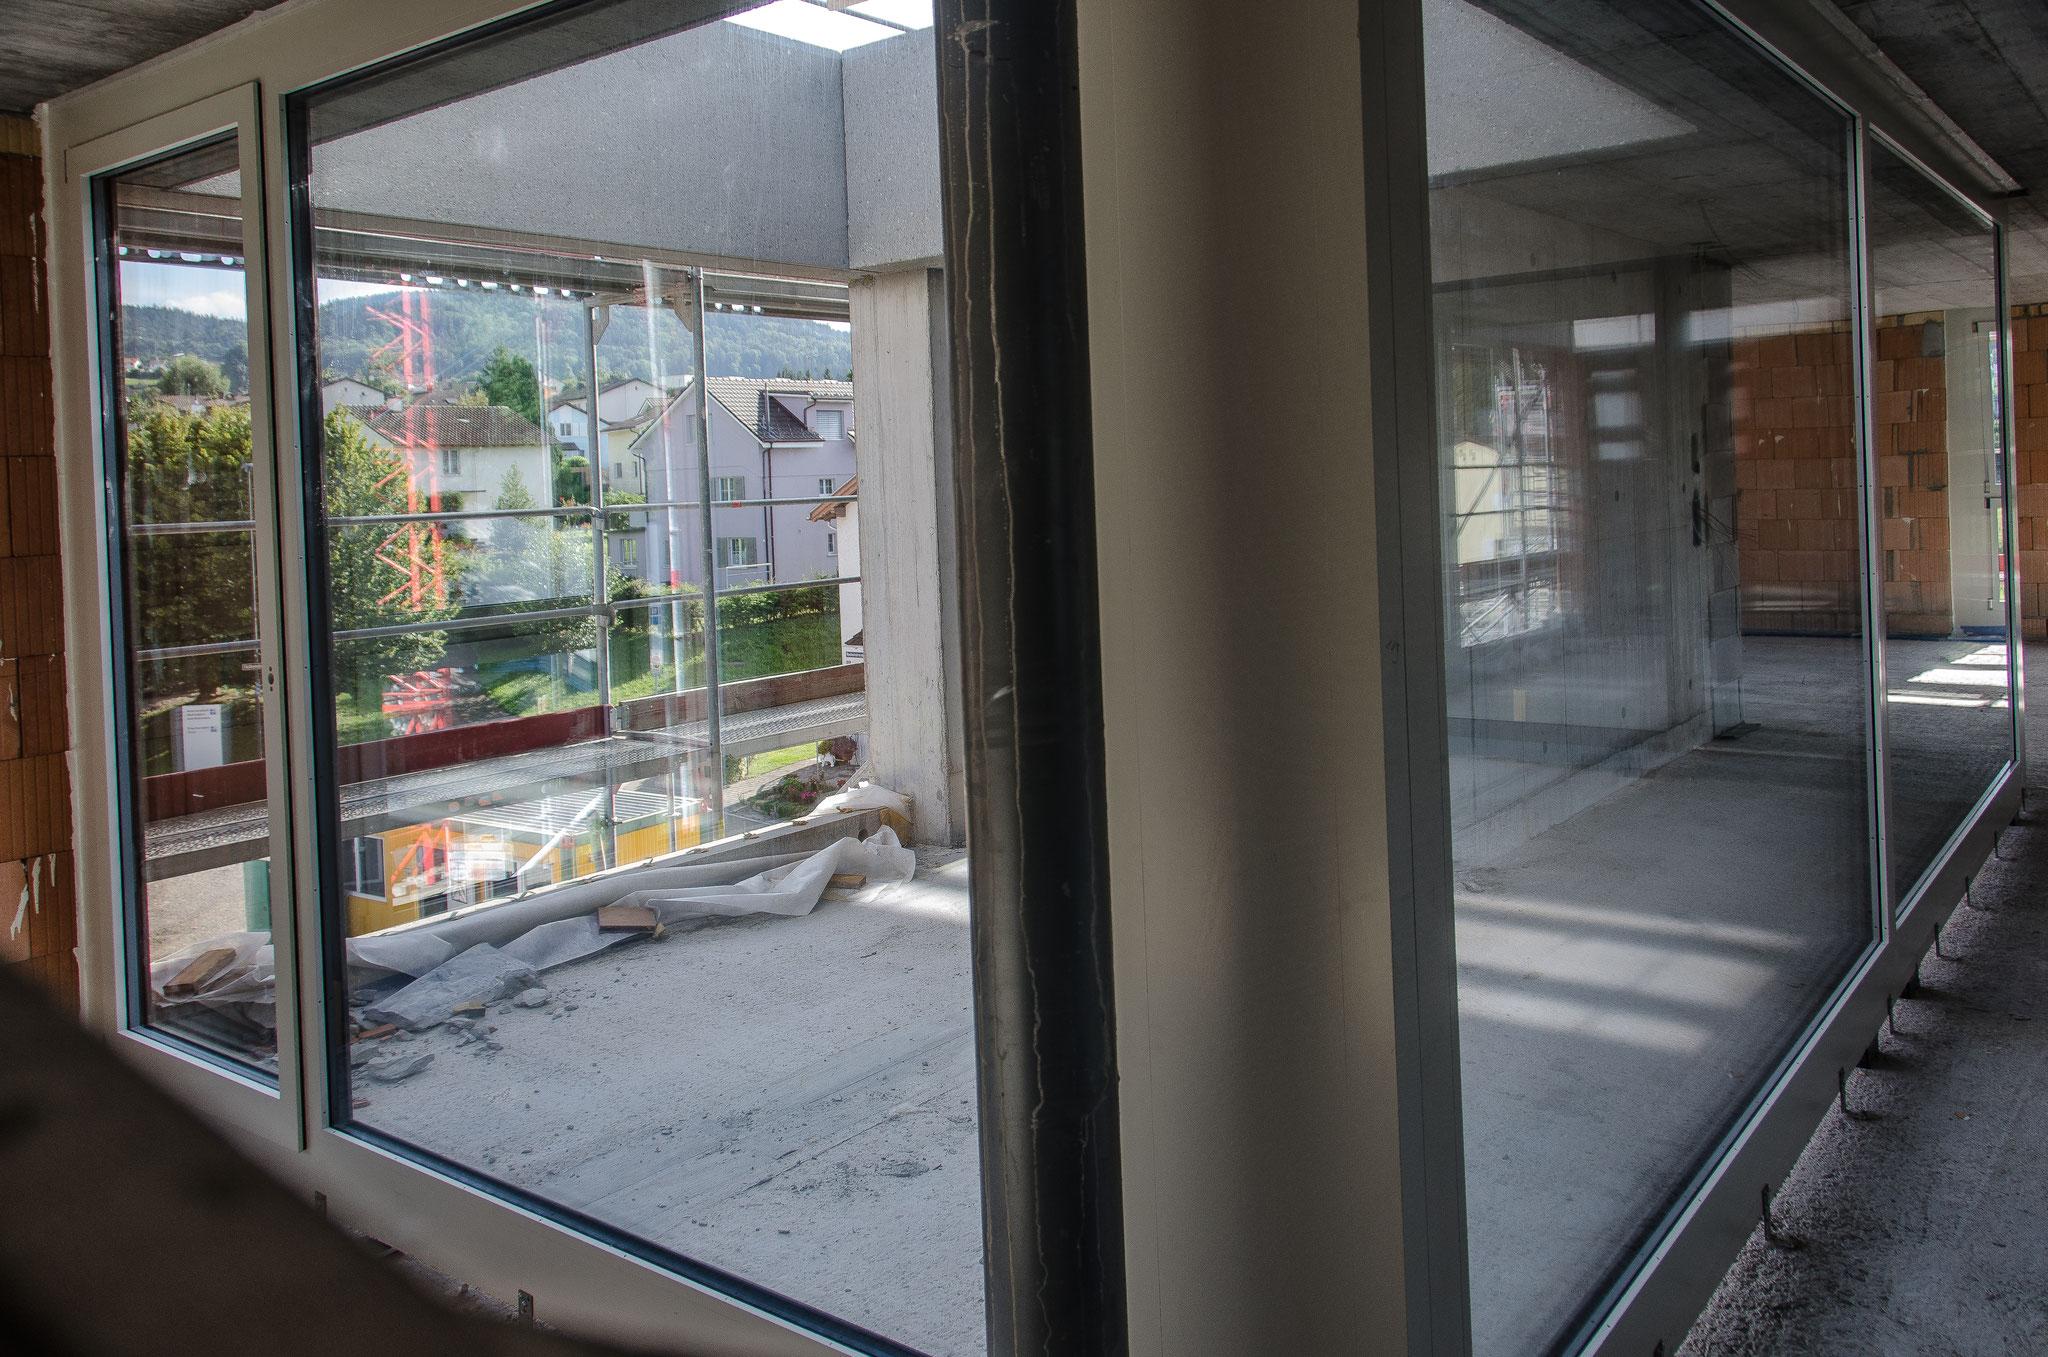 Ein Blick vom Zimmer durch die Scheiben in die Loggia und die Umgebung aus einer 4½ - Zimmerwohnung im 3. Obergeschoss.